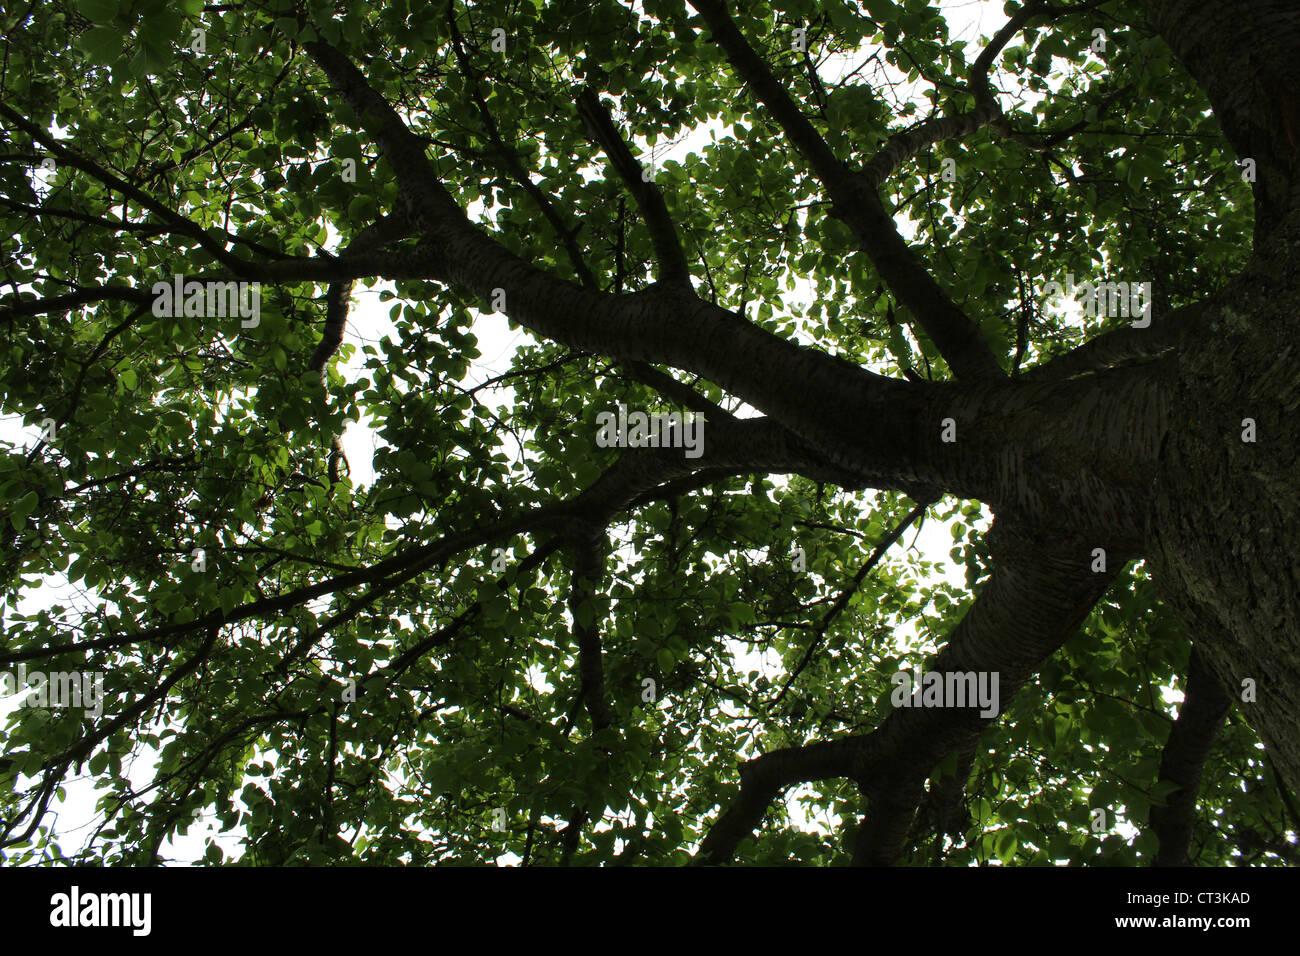 Die Dunkelheit der Baum (die Unterseite von einem alten Weidenbaum). Stockbild